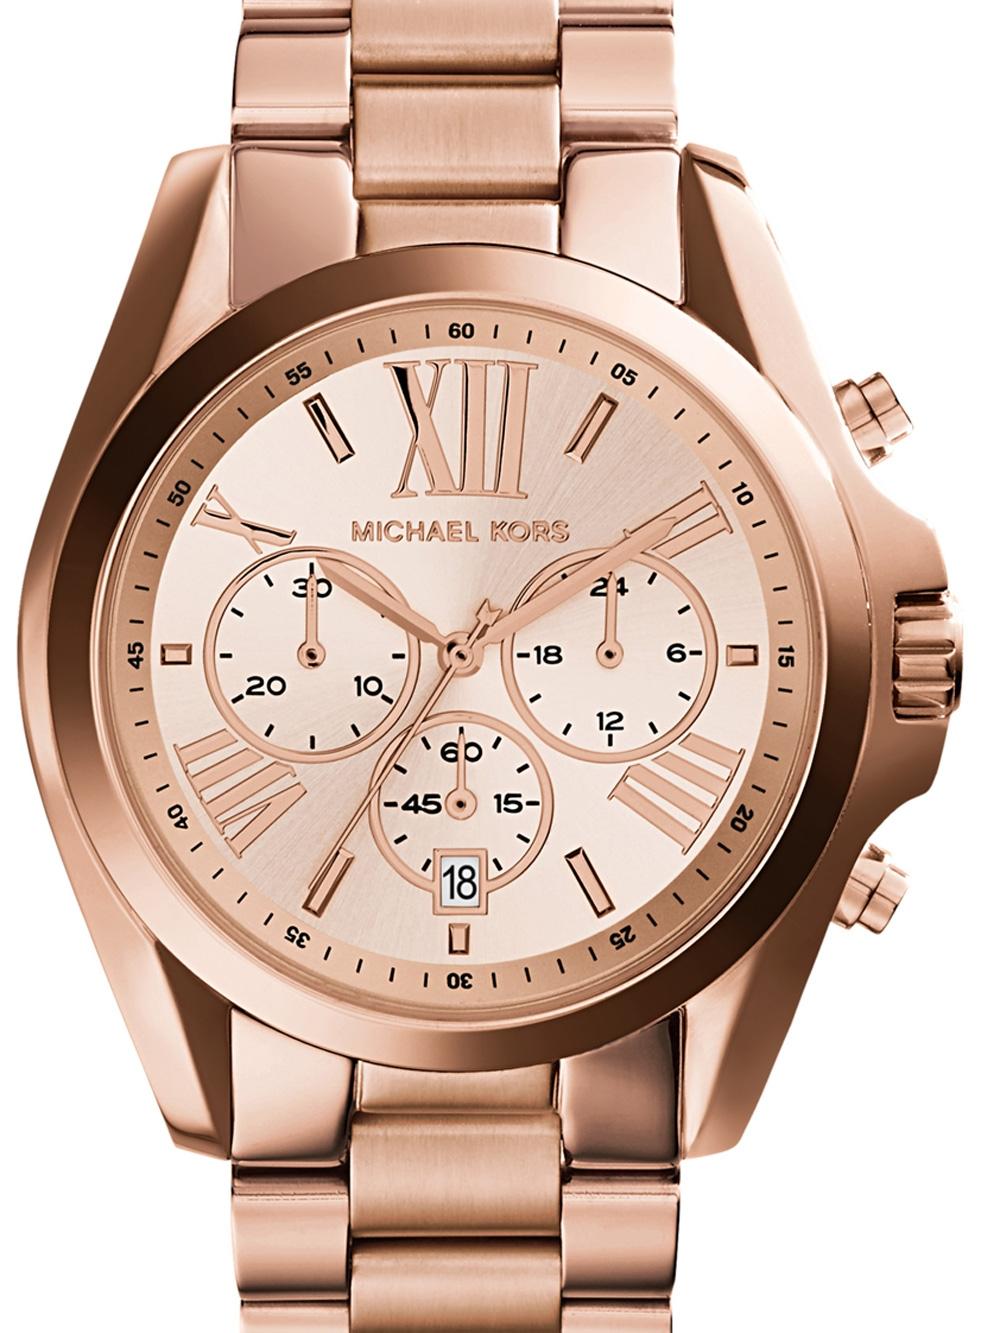 Michael Kors MK5503 Bradshaw Chronograph Damen 43mm 10ATM